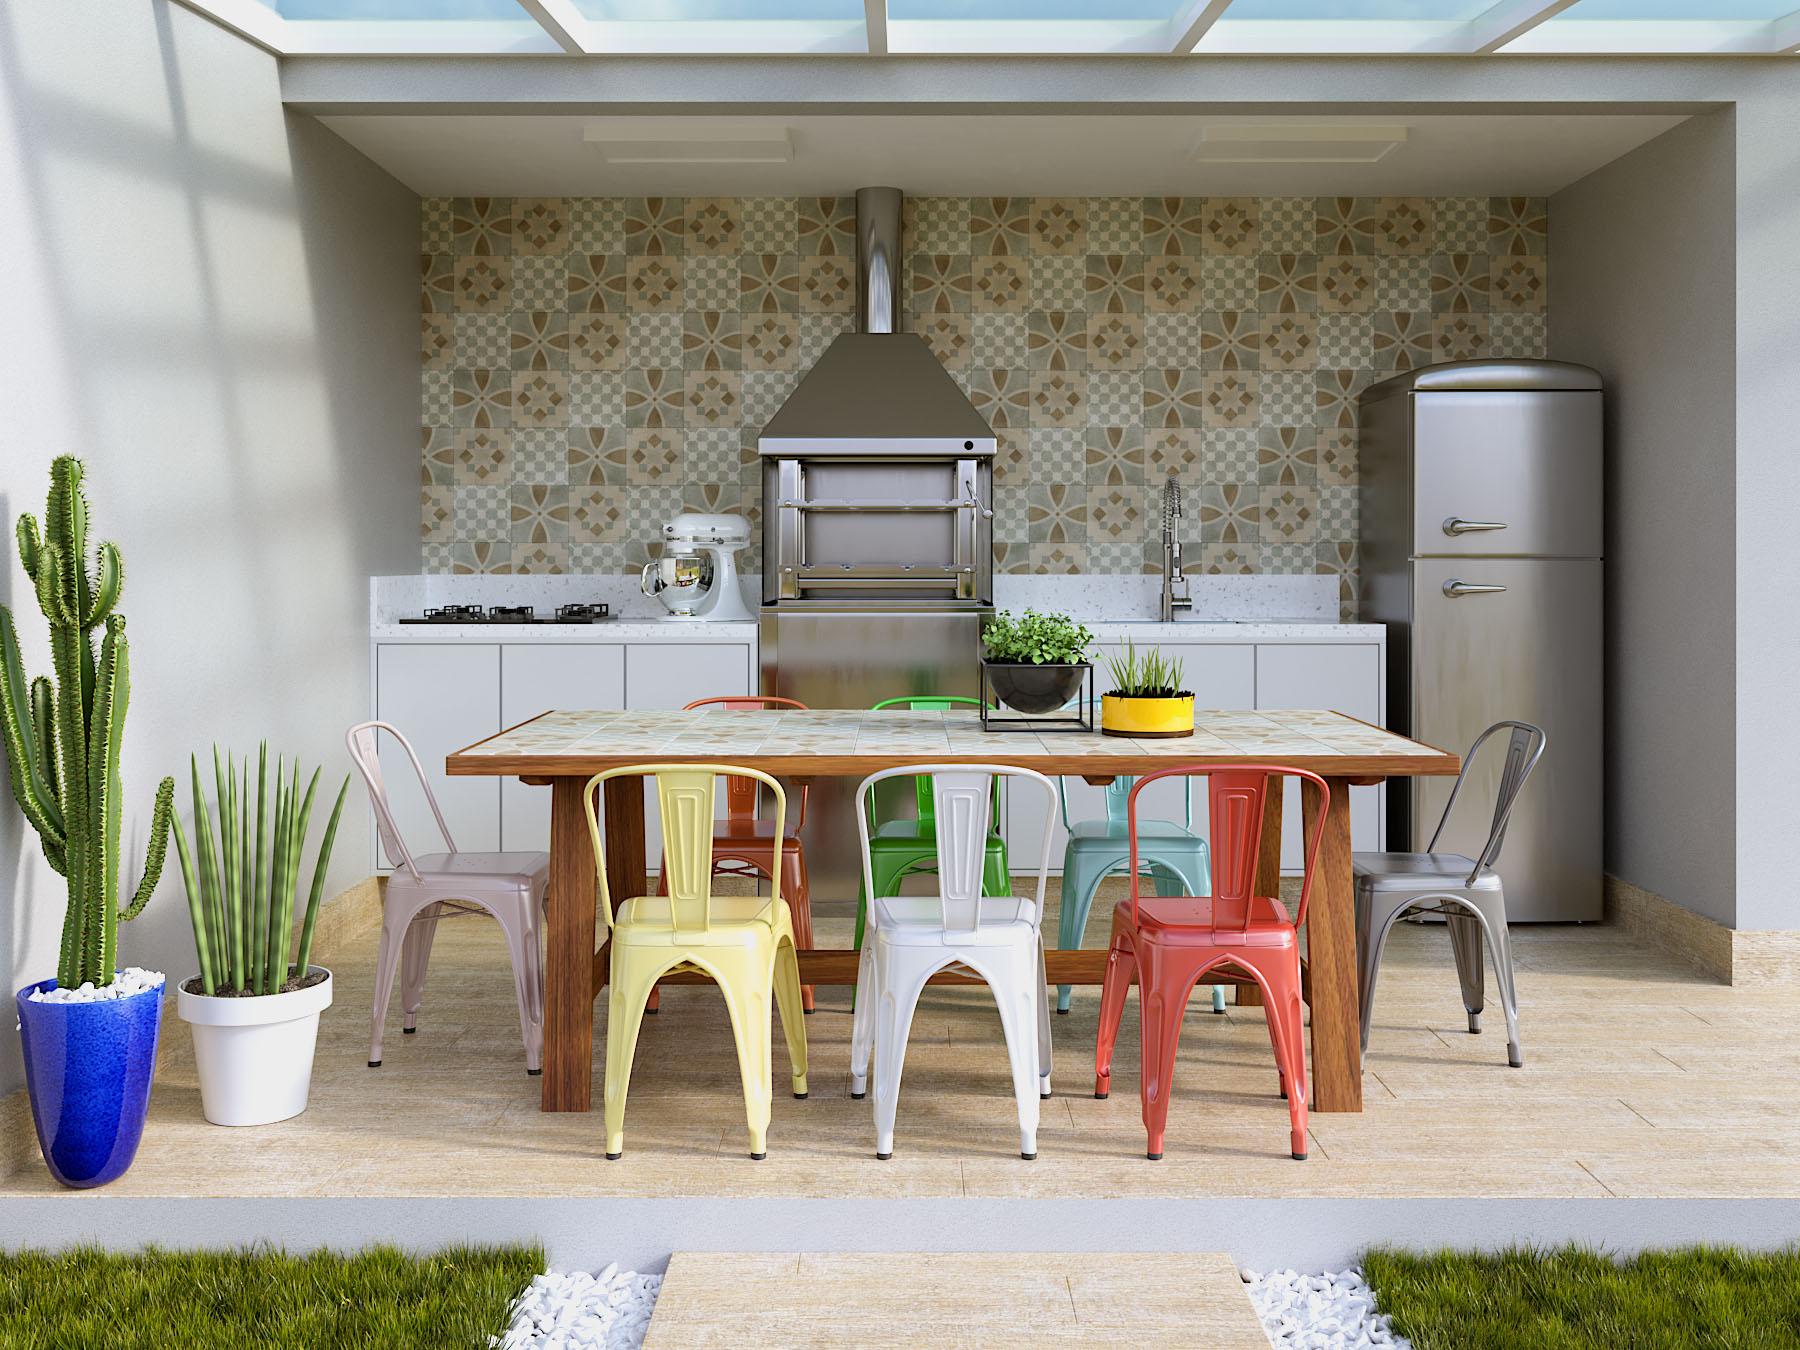 Área externa para conveni u00eancia com churrasqueira Leroy Merlin -> Decoração Para Area Externa Churrasqueira